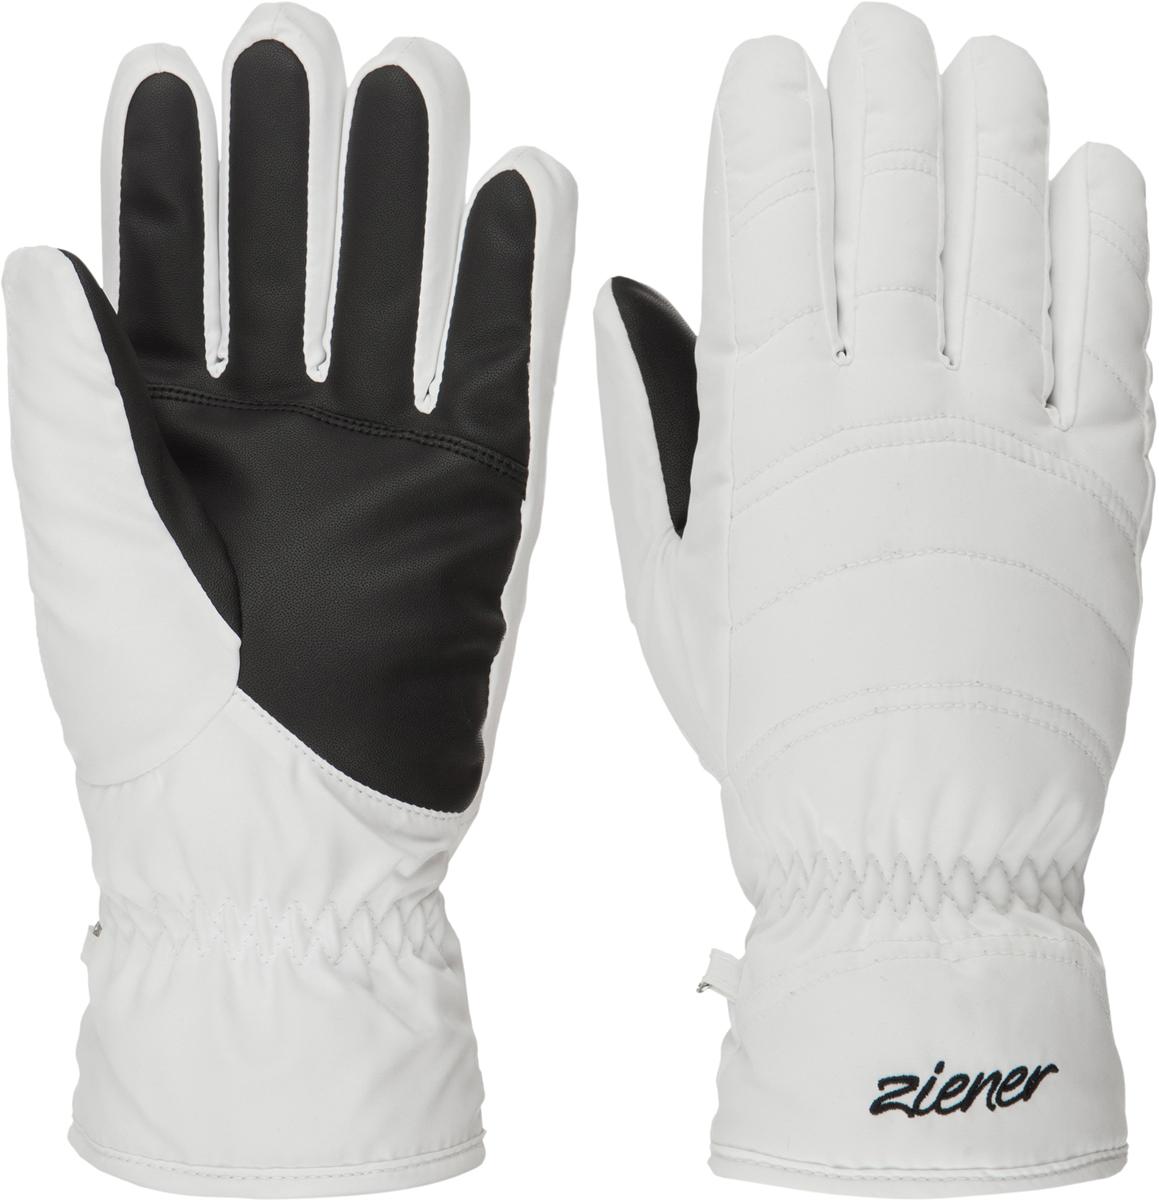 Перчатки женские Ziener Kamira Sm Lady Glove, цвет: белый. 170020-01. Размер 8170020-01Женские перчатки Ziener Kamira Sm Lady Glove выполнены из полиэстера. На запястьях изделия дополнены эластичными резинками. Подкладка выполнена из мягкого полиэстера.